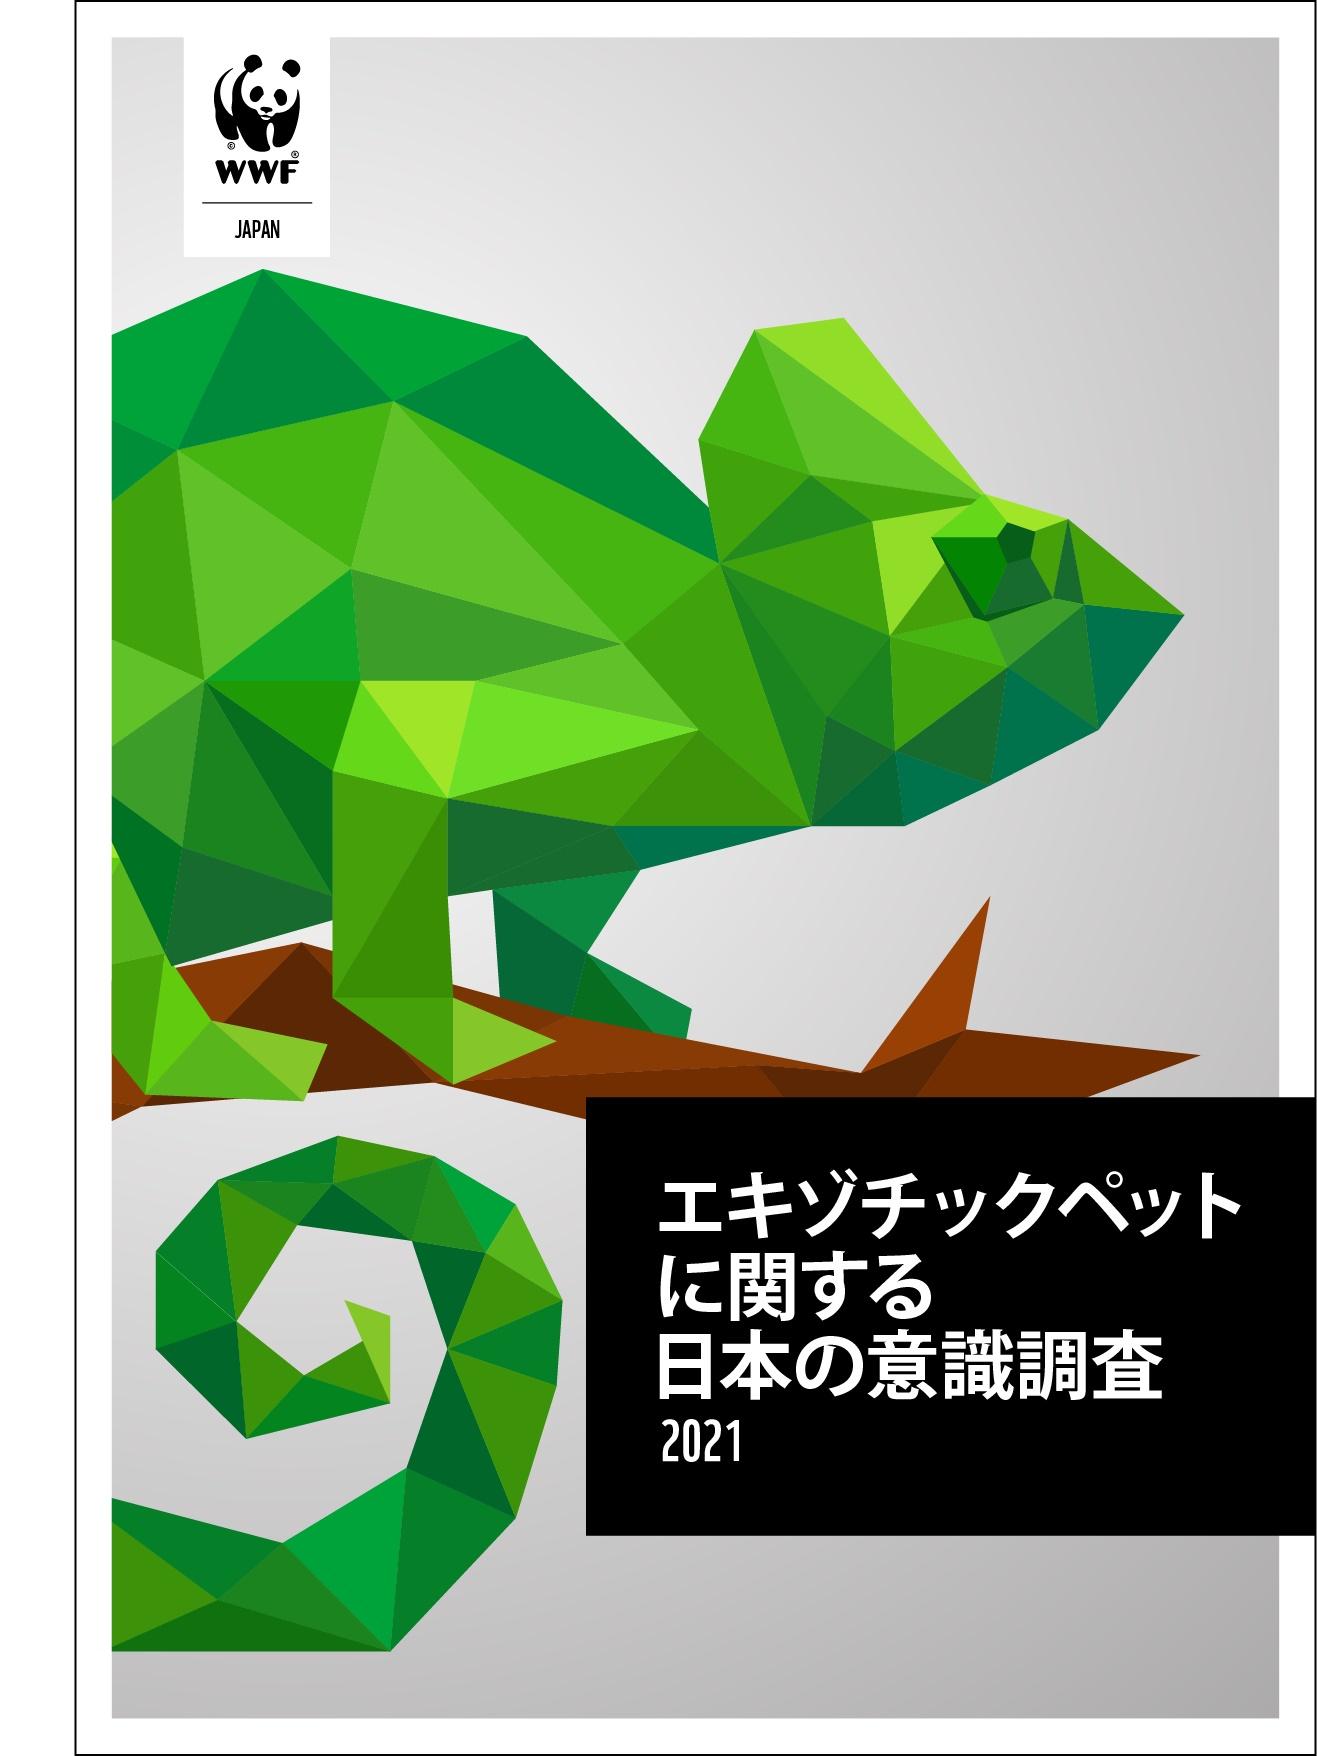 WWFジャパンによる意識調査で明らかに!エキゾチックペットの問題に対して、95%が規制強化が必要と回答一方で、若い世代は飼育意向が強い現状も